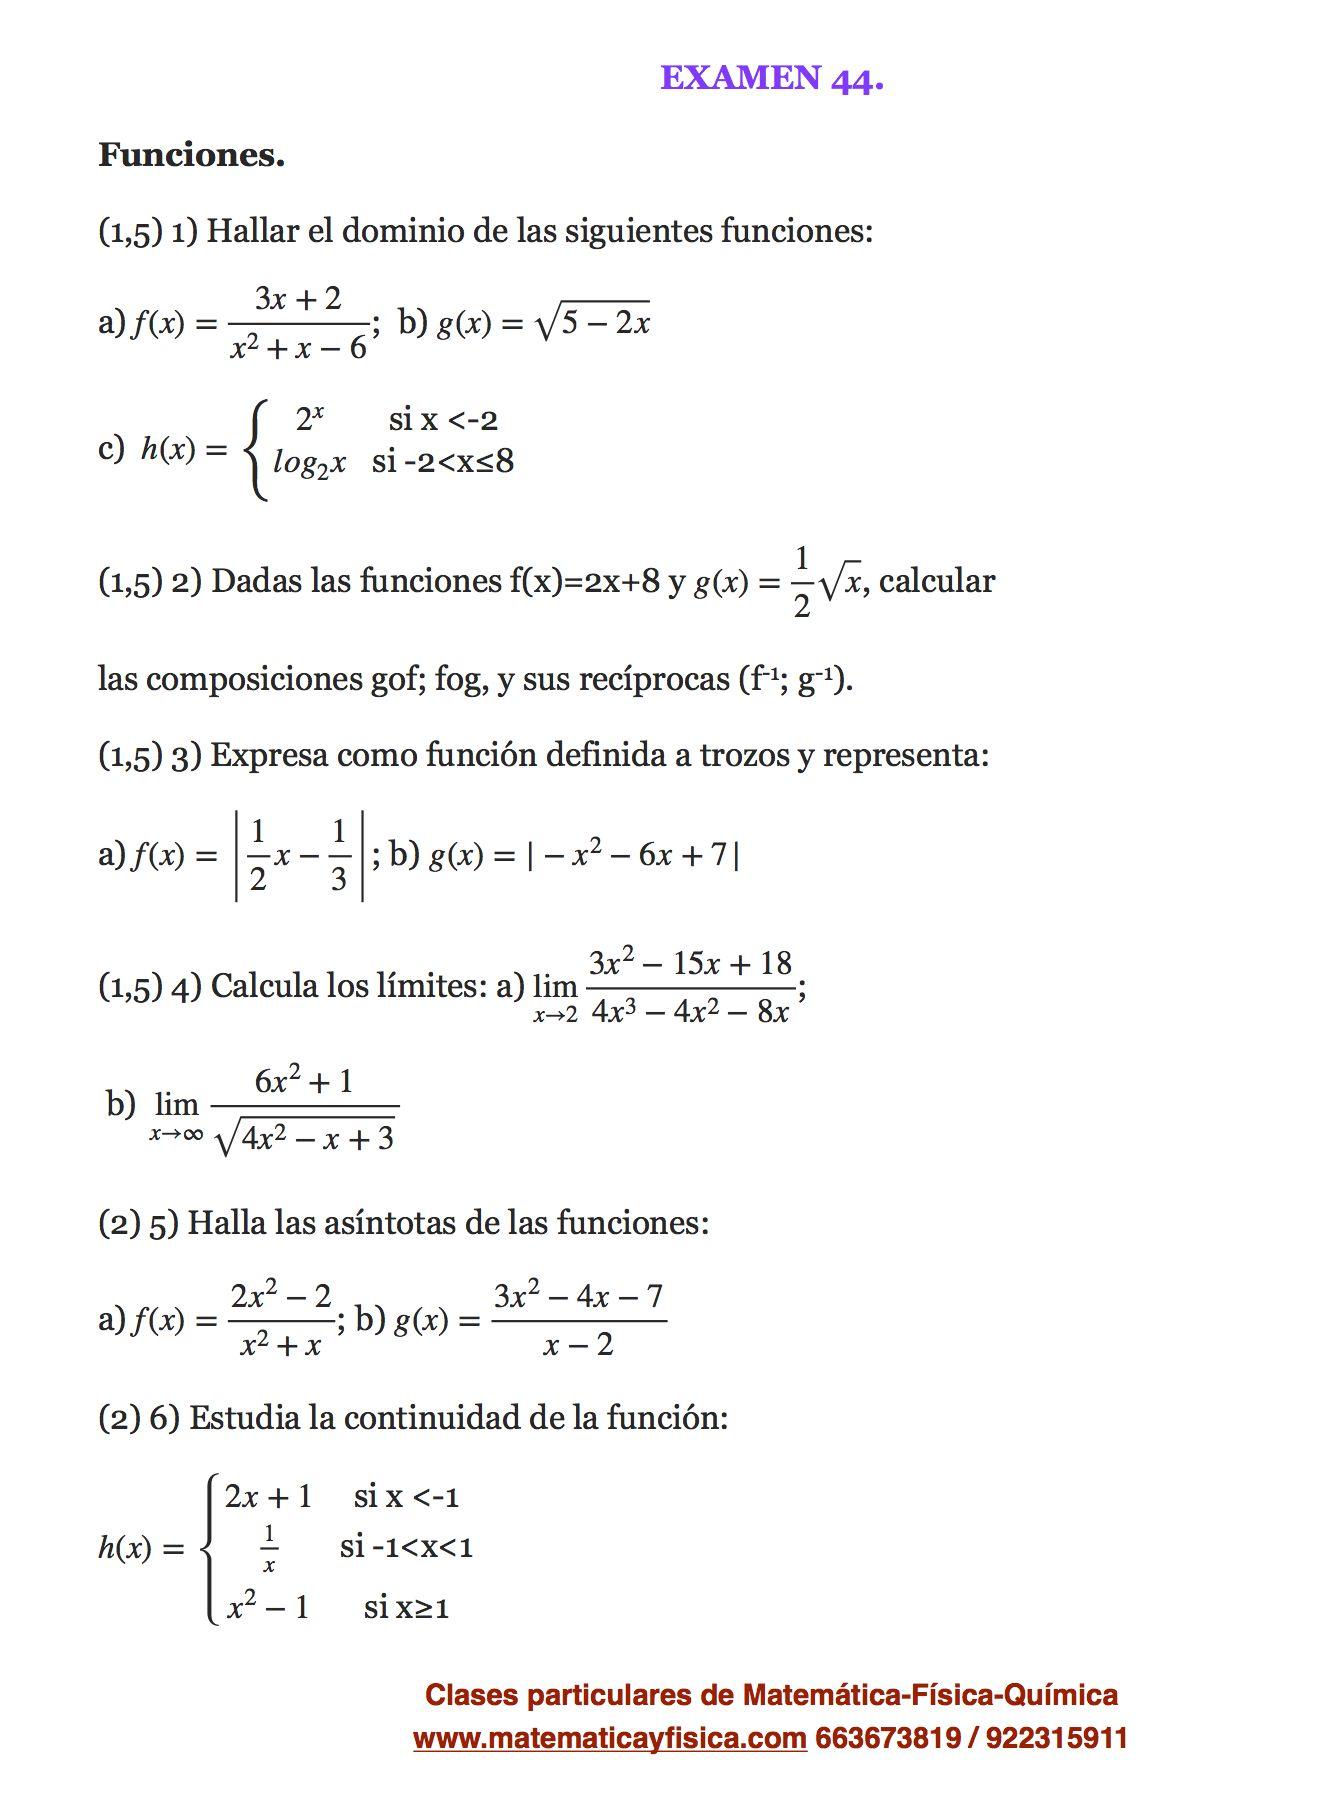 Examen 44 Matematica Bachillerato Examen De Matematicas